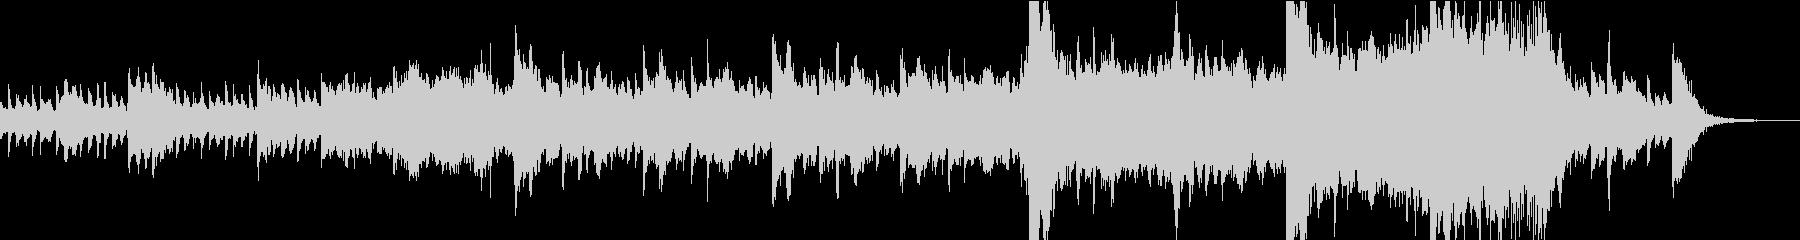 現代的 交響曲 アンビエント コー...の未再生の波形